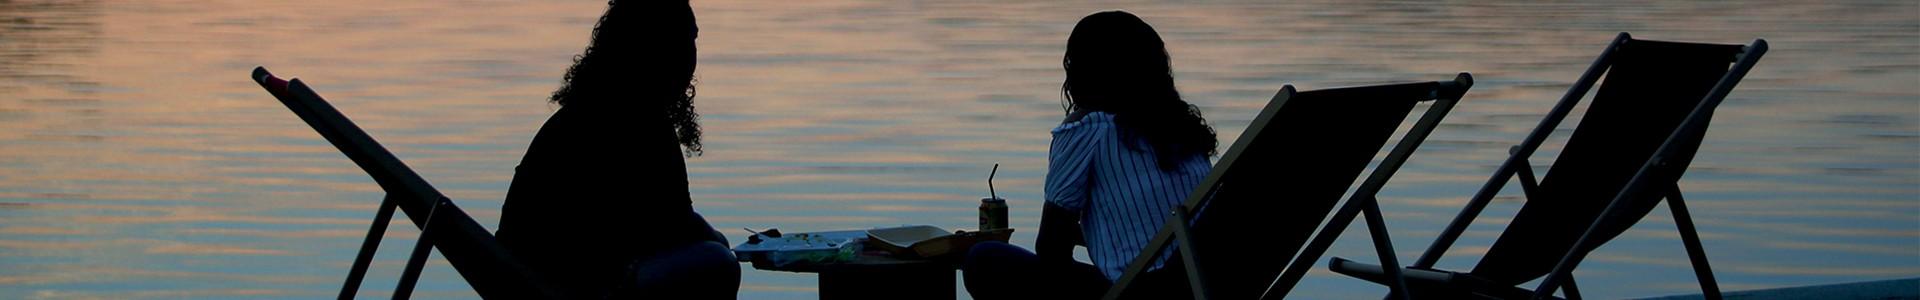 Art de vivre lors des jeudis étoilés à Istres